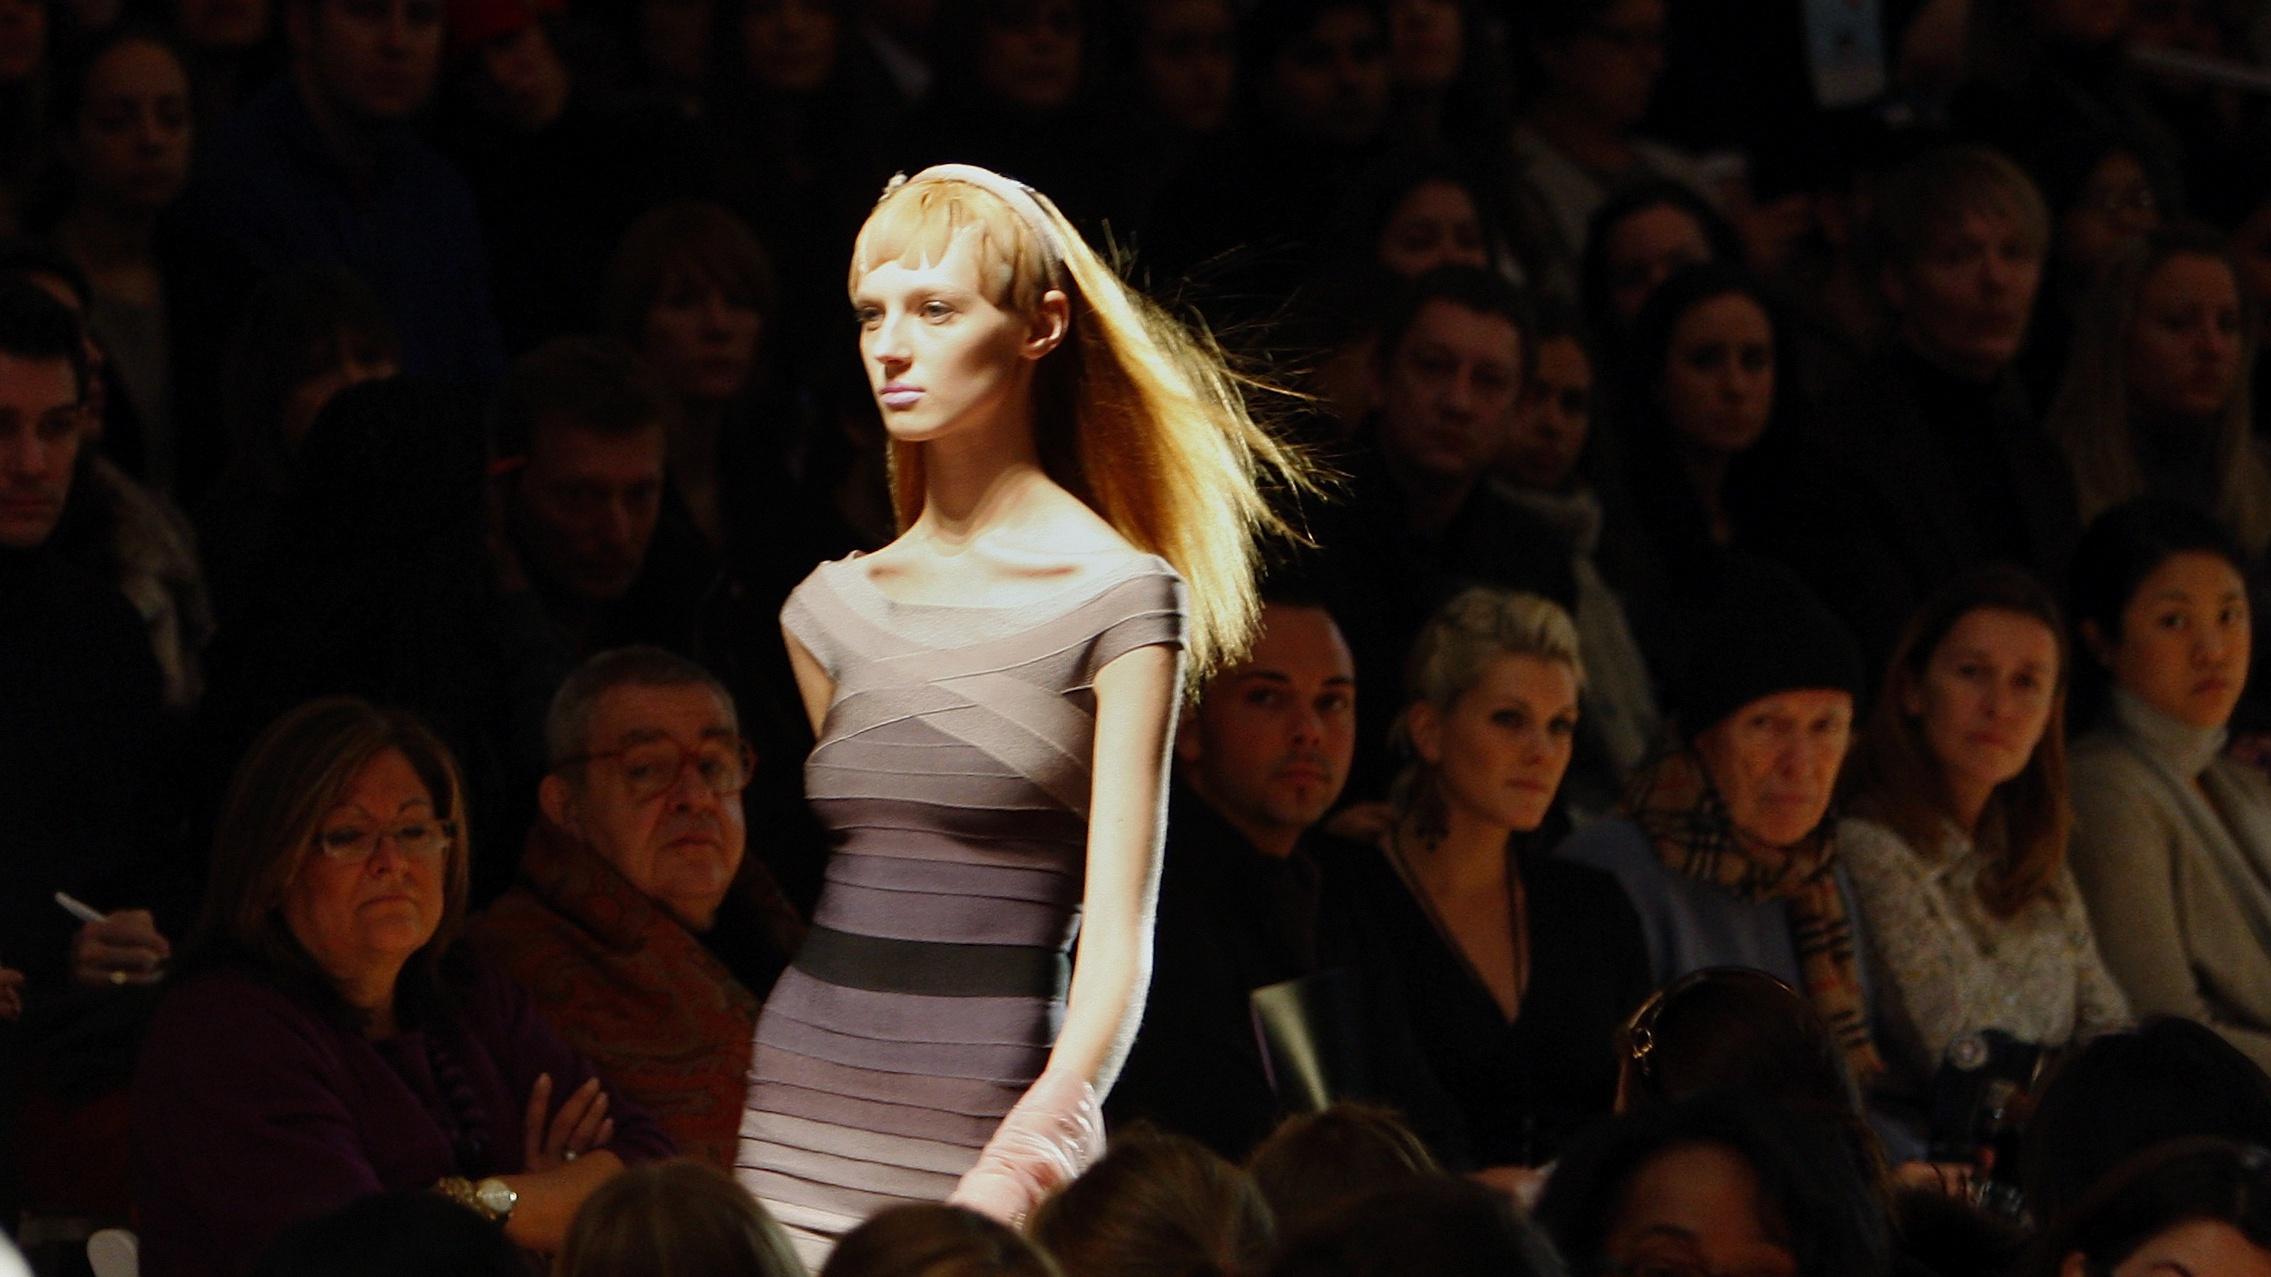 """522436817bb1 Herve Leger's famous """"bandage"""" dress is not for voluptuous women or  lesbians, an executive says — Quartz"""